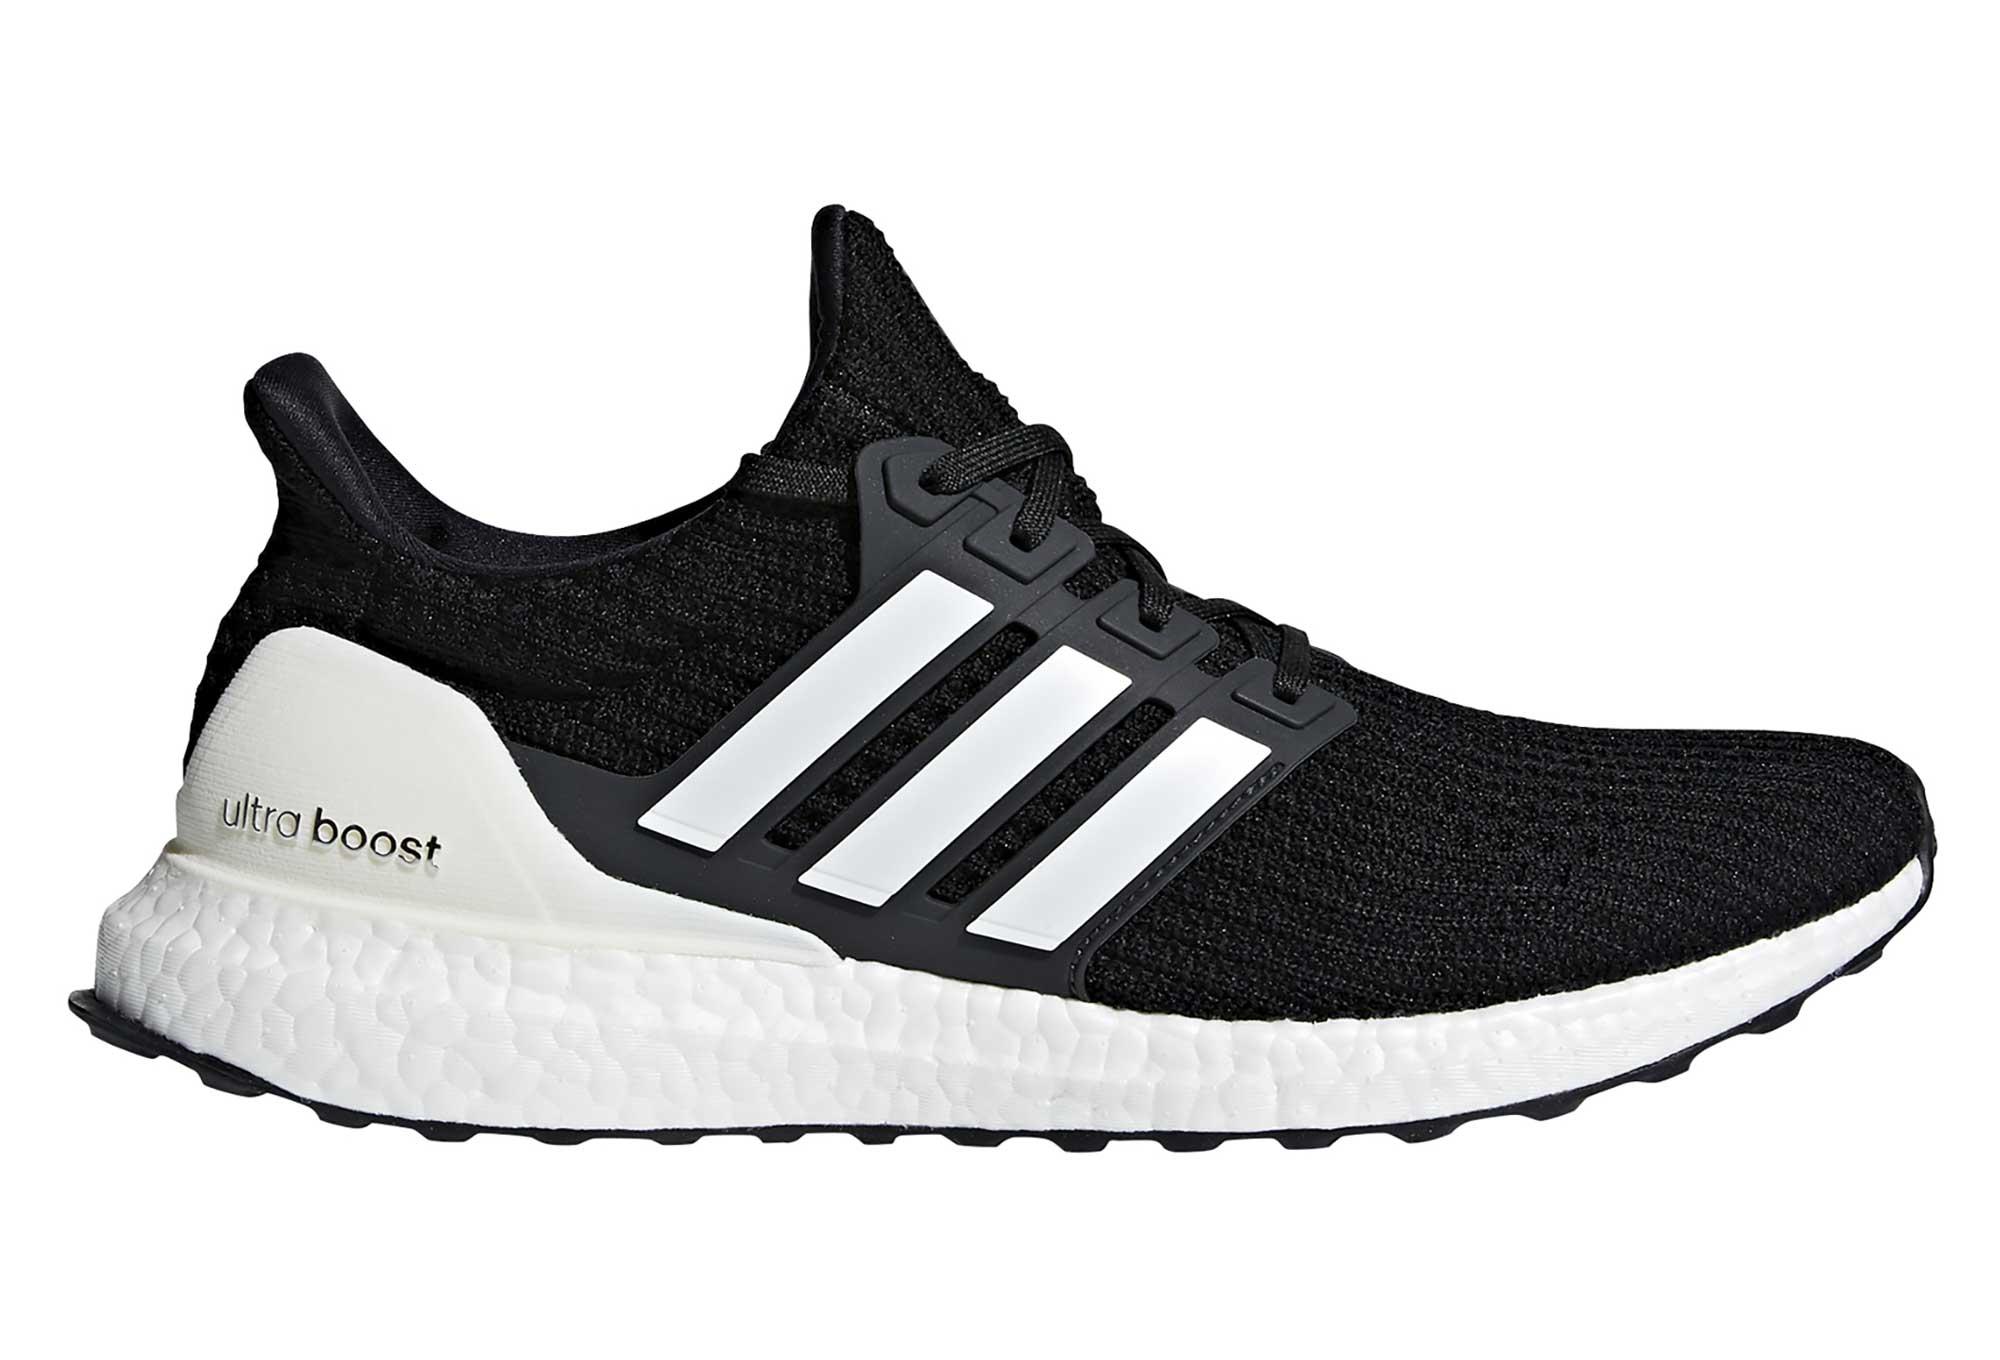 nouveau style et luxe emballage élégant et robuste profiter de prix discount Chaussures de Running adidas running Ultraboost Noir Blanc